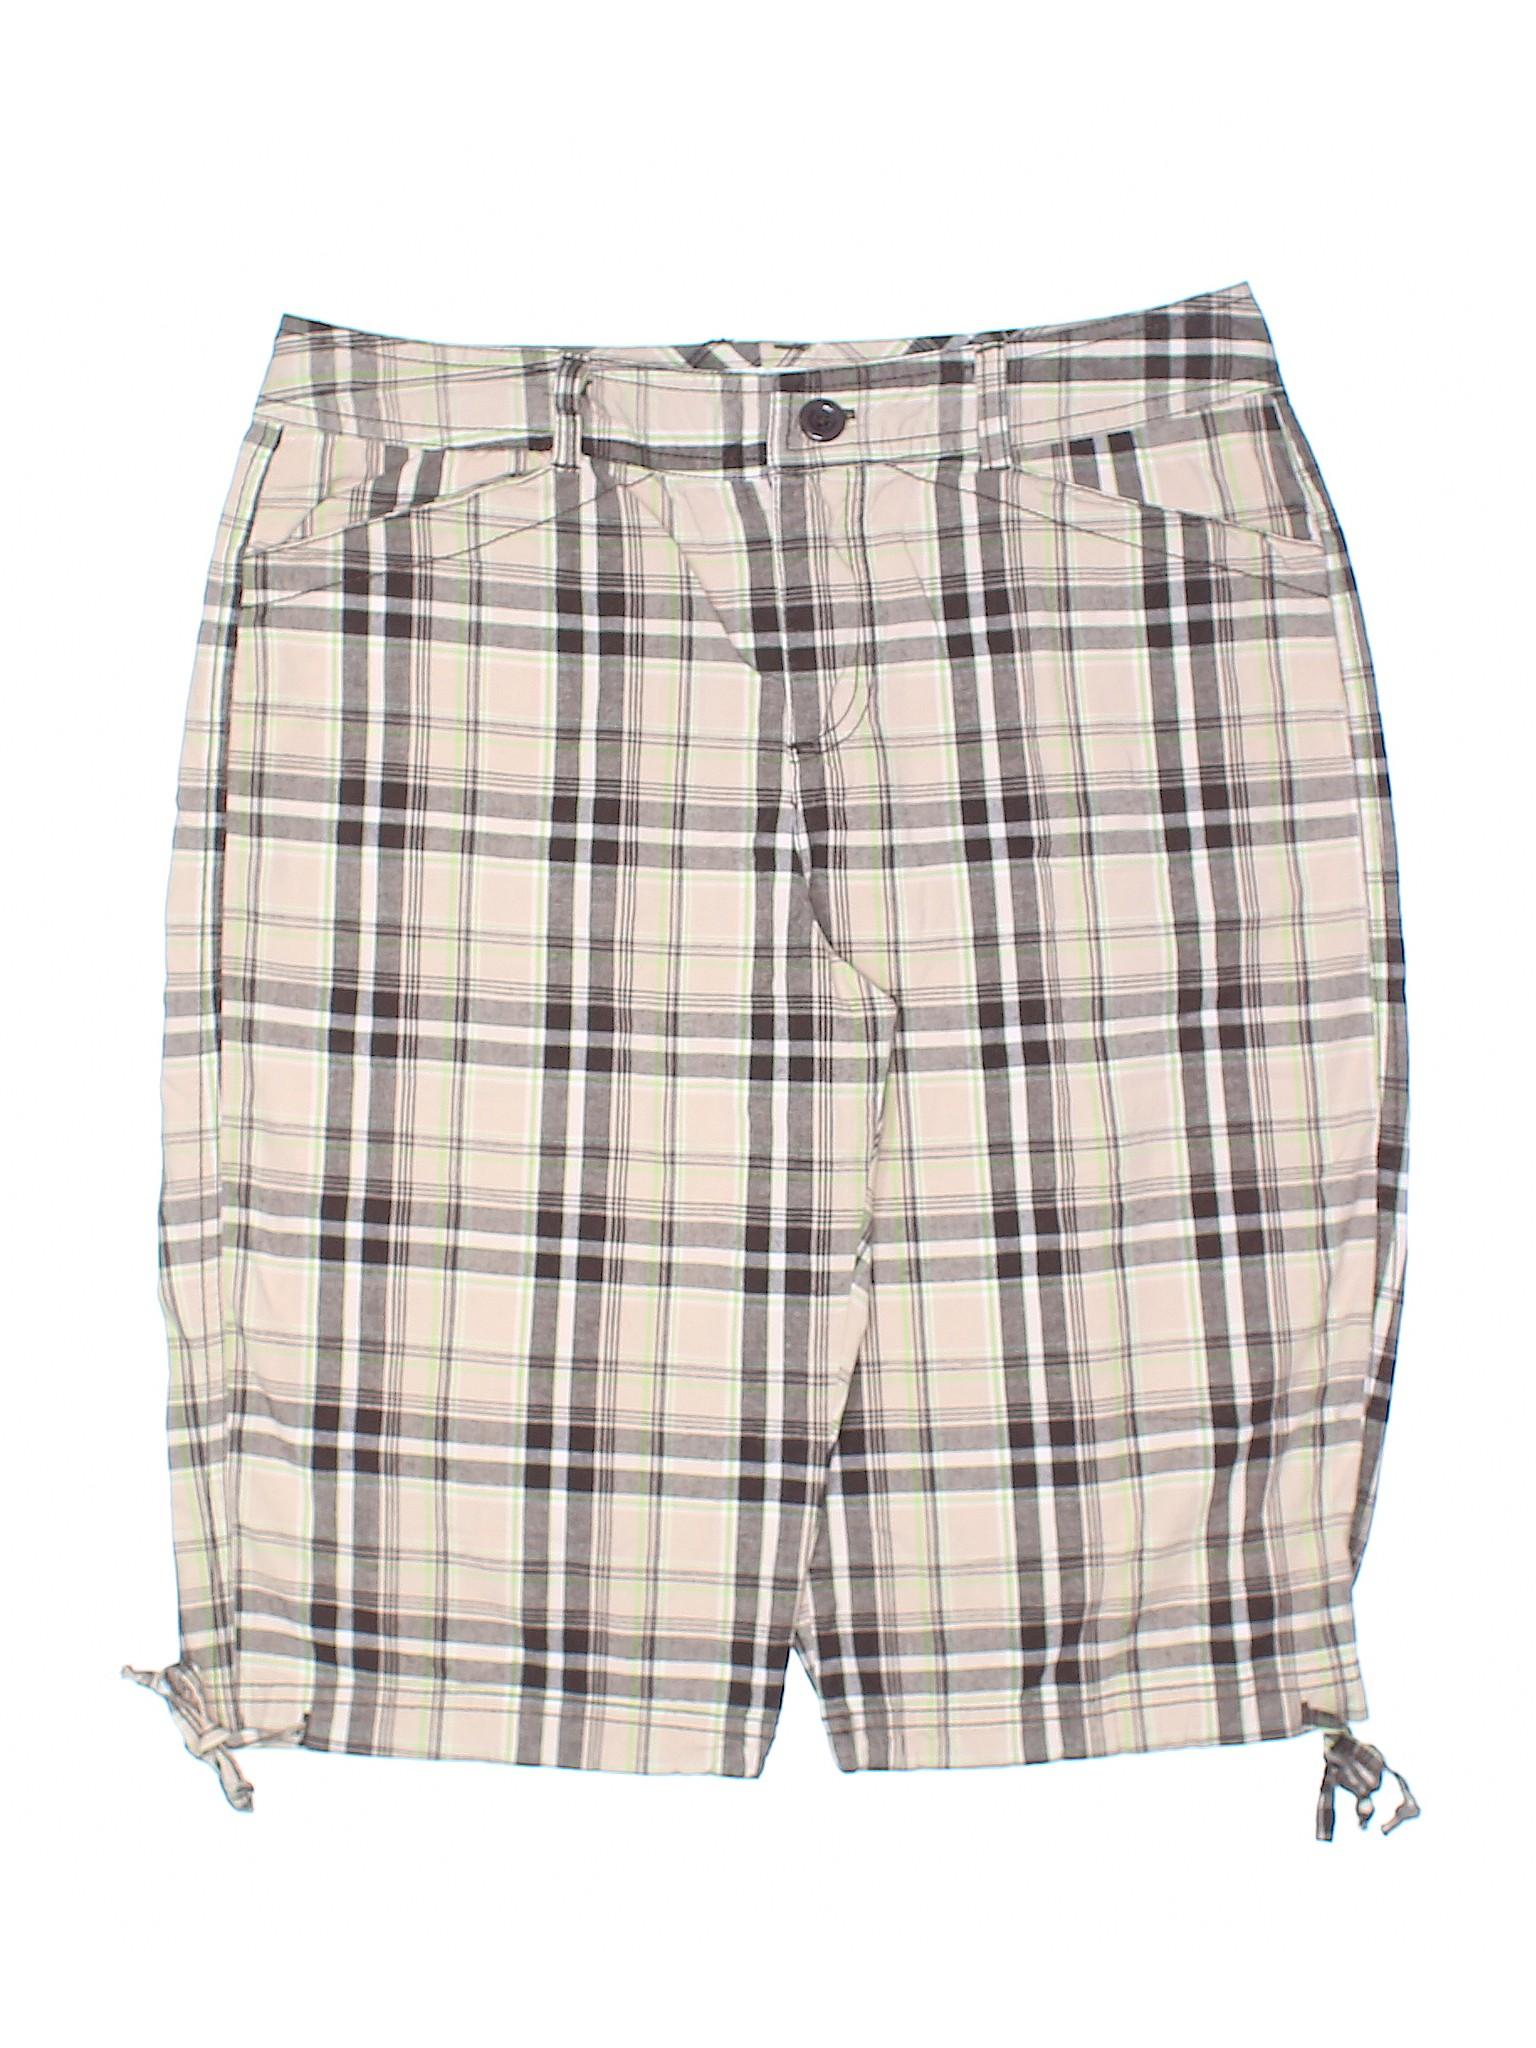 Shorts Boutique DressBarn DressBarn Boutique Shorts Shorts DressBarn Boutique Boutique q8pCXwp